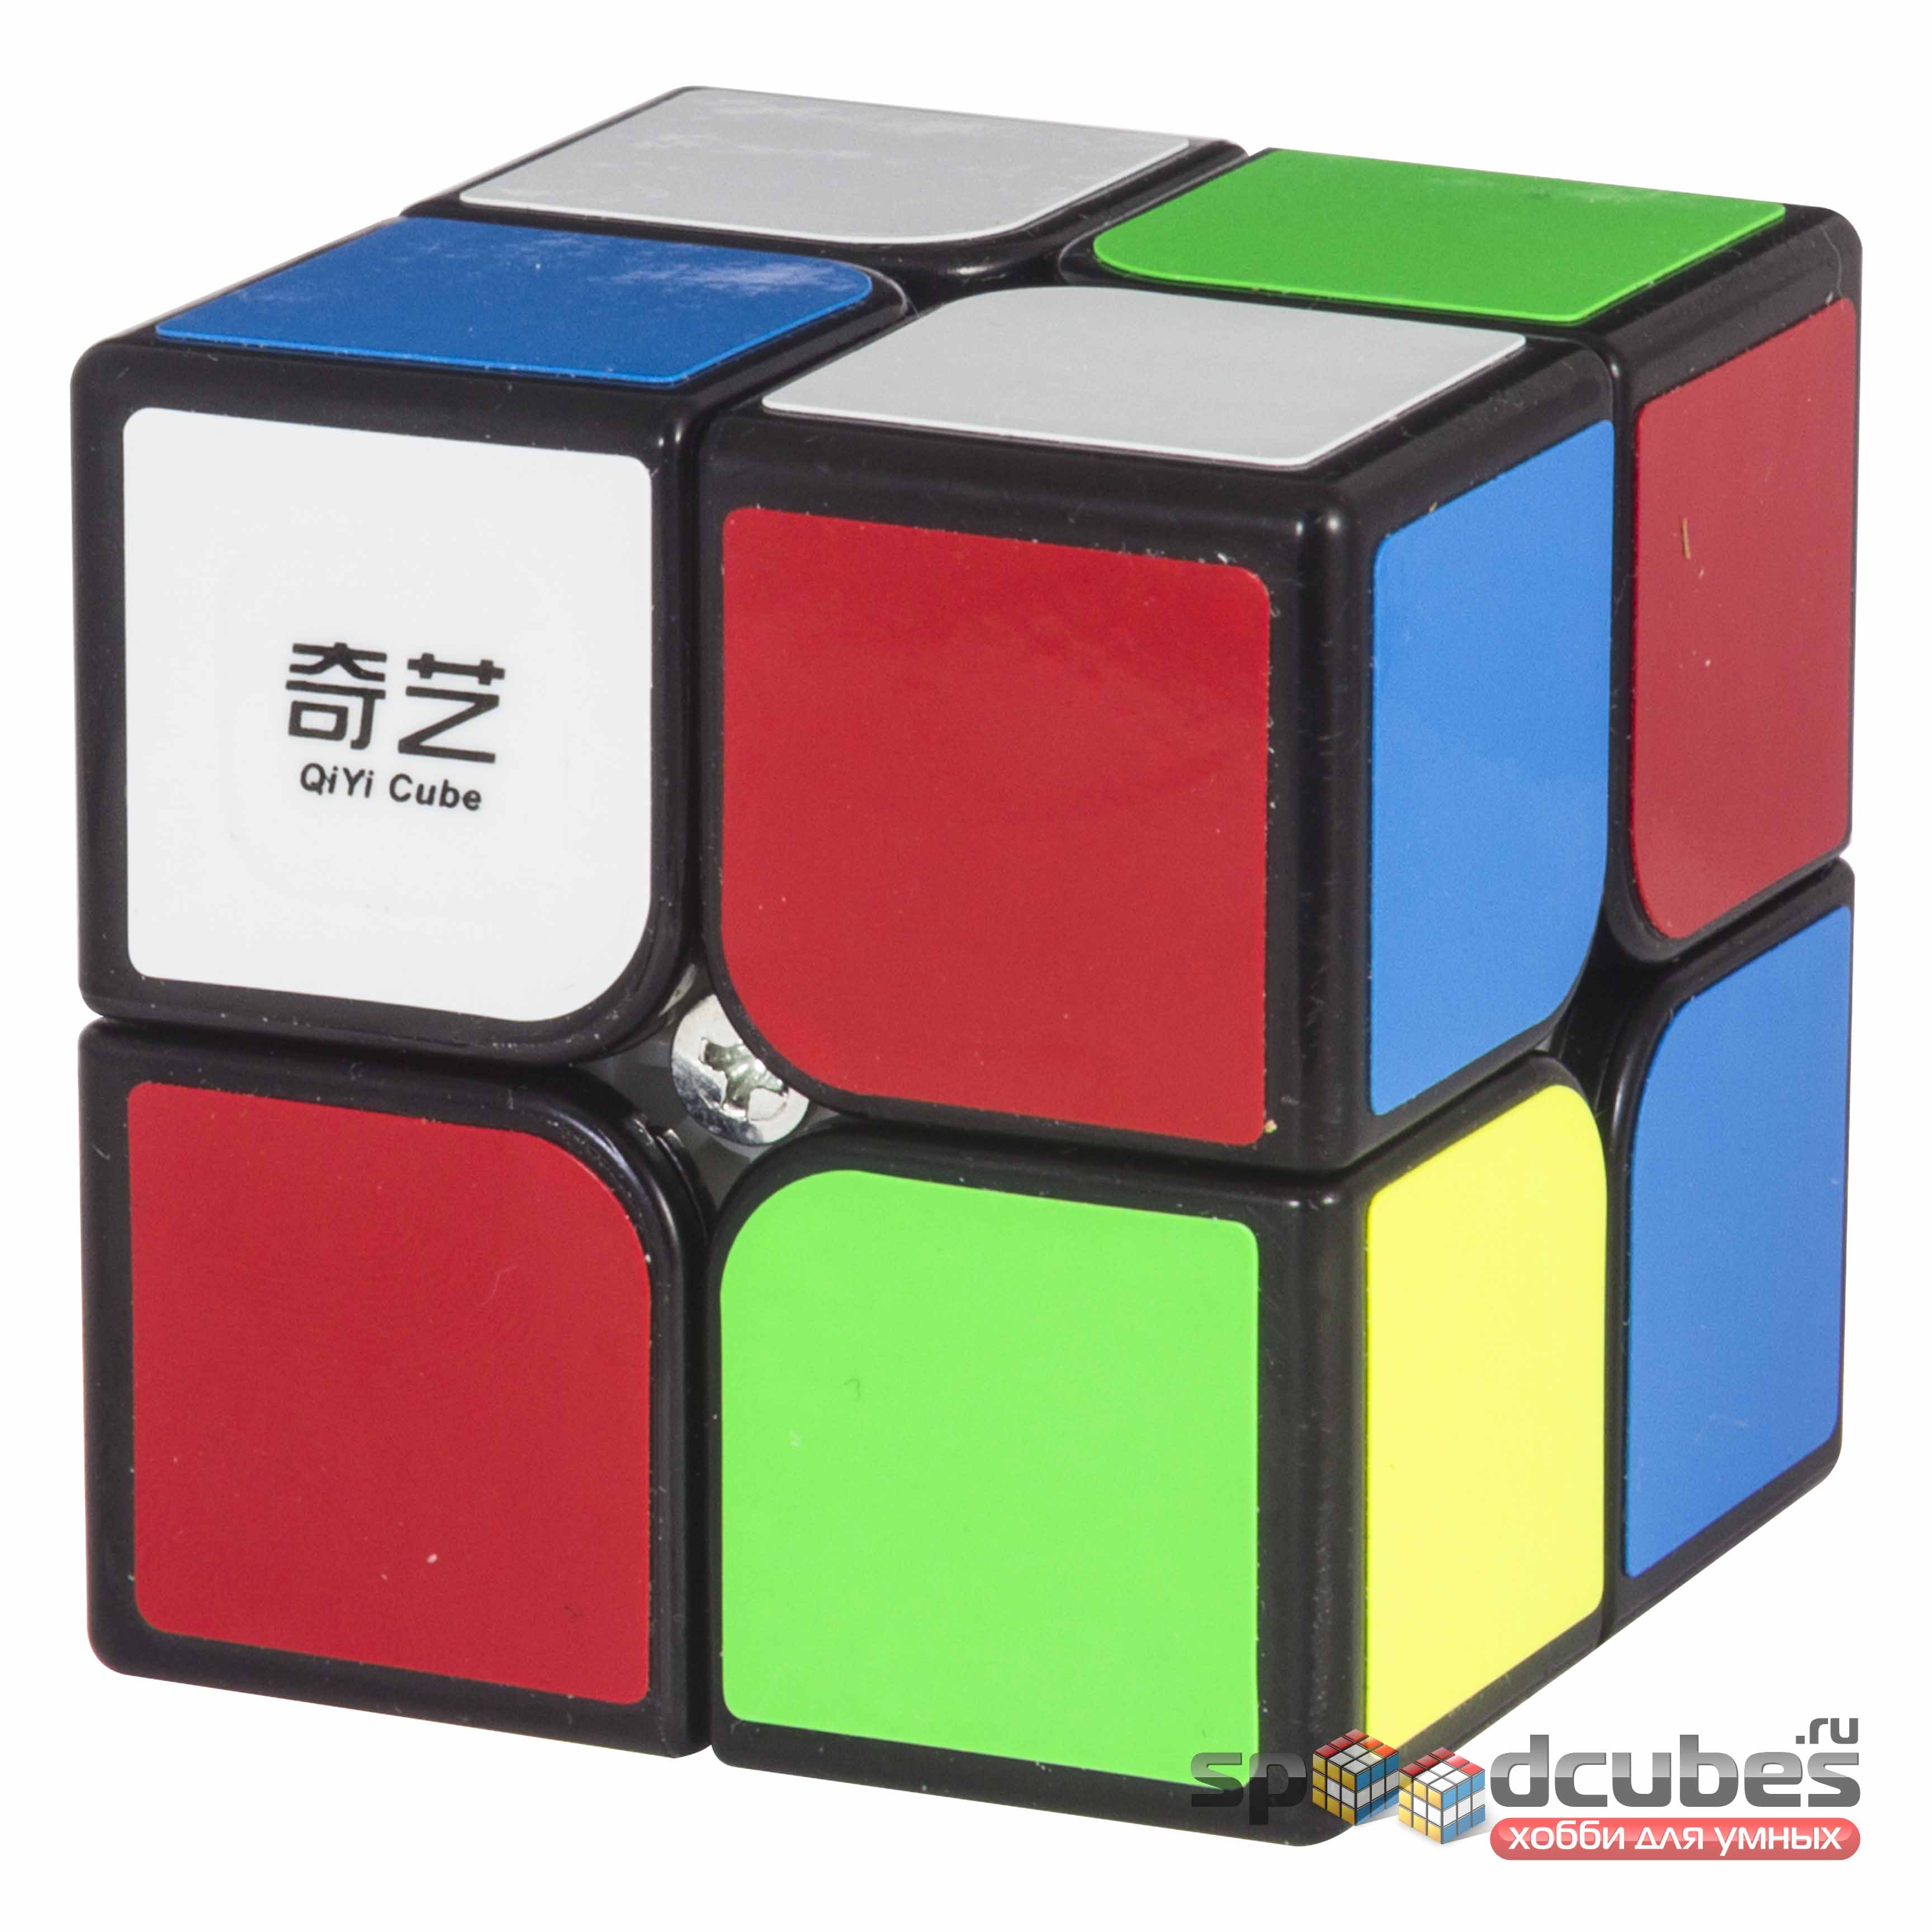 QiYi (MofangGe) 2x2x2 QiDi 3